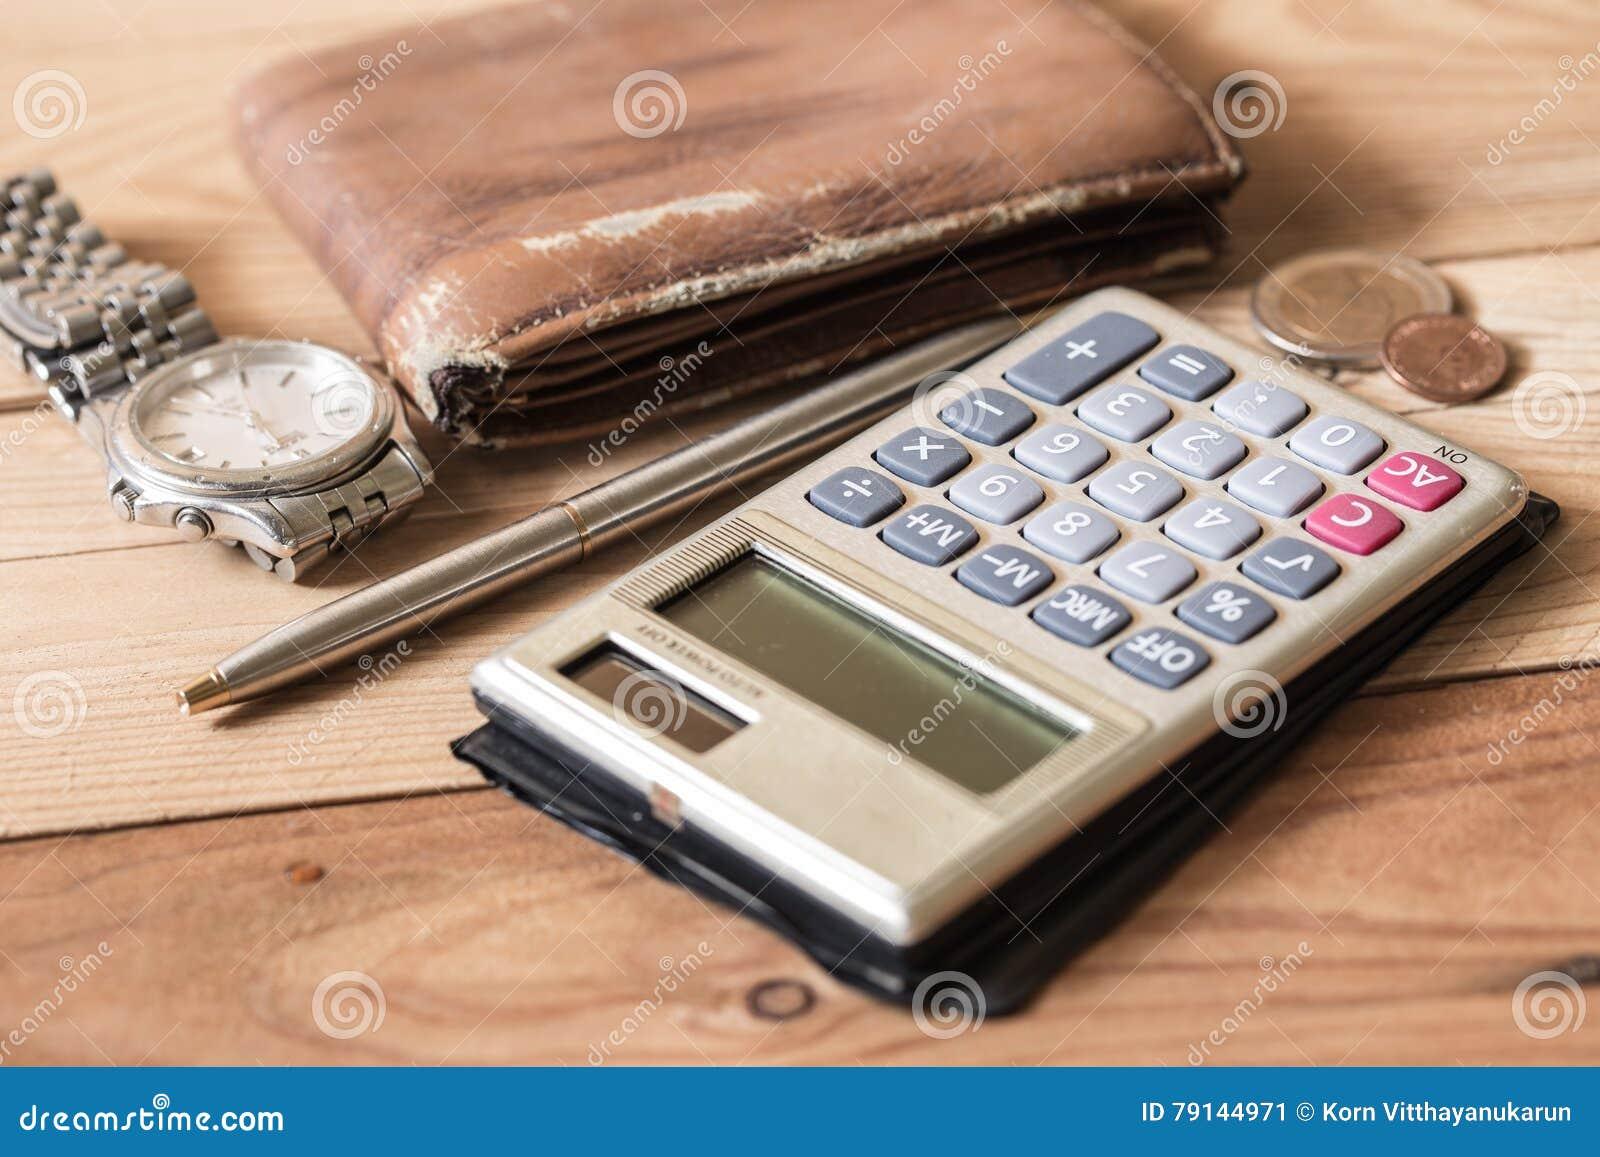 Προσωπικό αντικείμενο χρηματοδότησης στο ξύλο